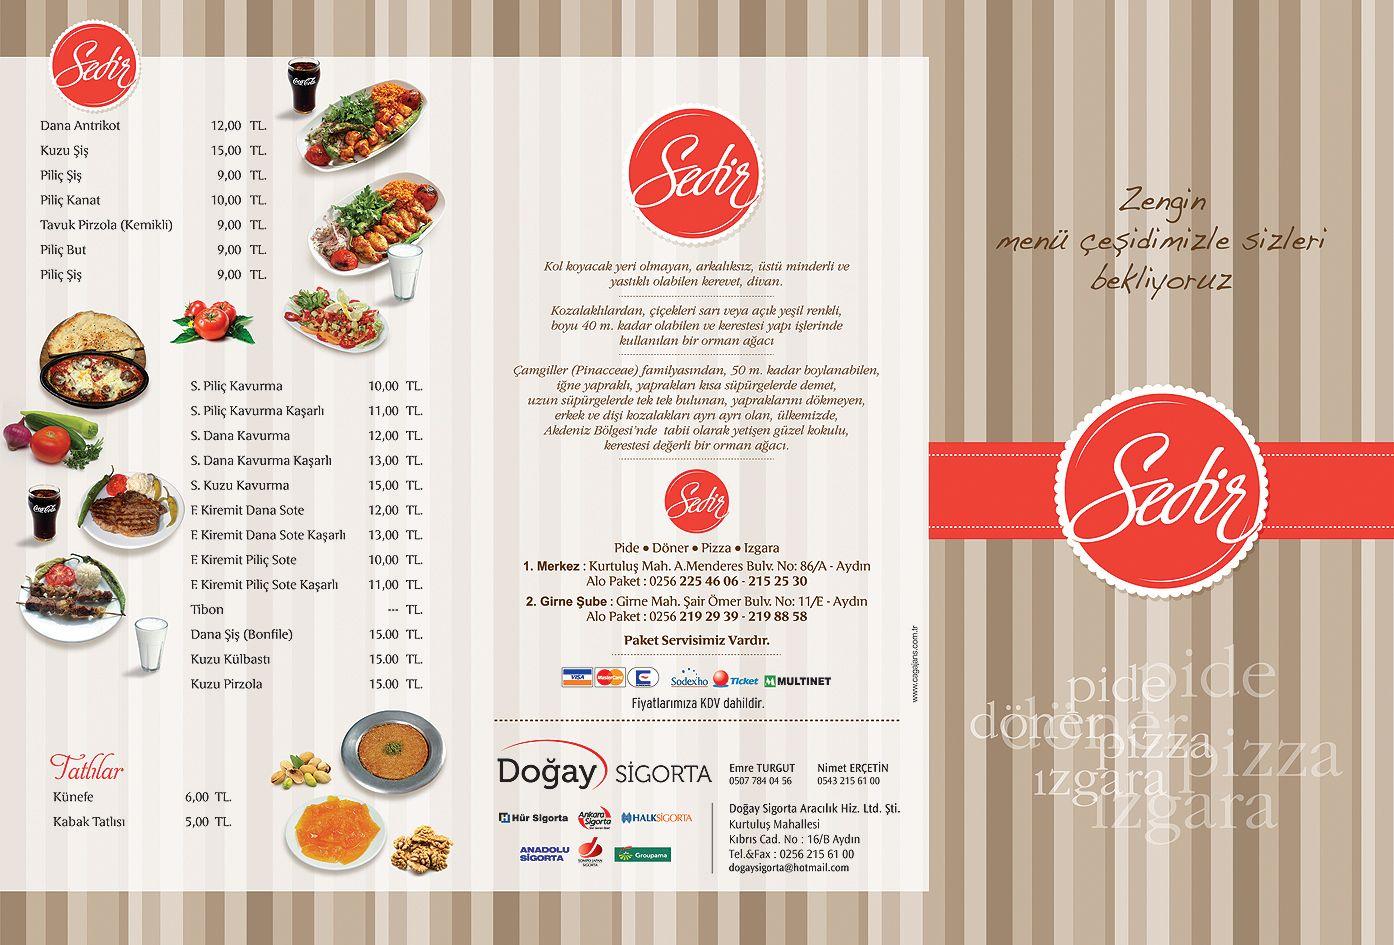 sedir restaurant kurumsal kimlik tasarımı kapsamında logo yenilenmesi ve flayer tasarımı